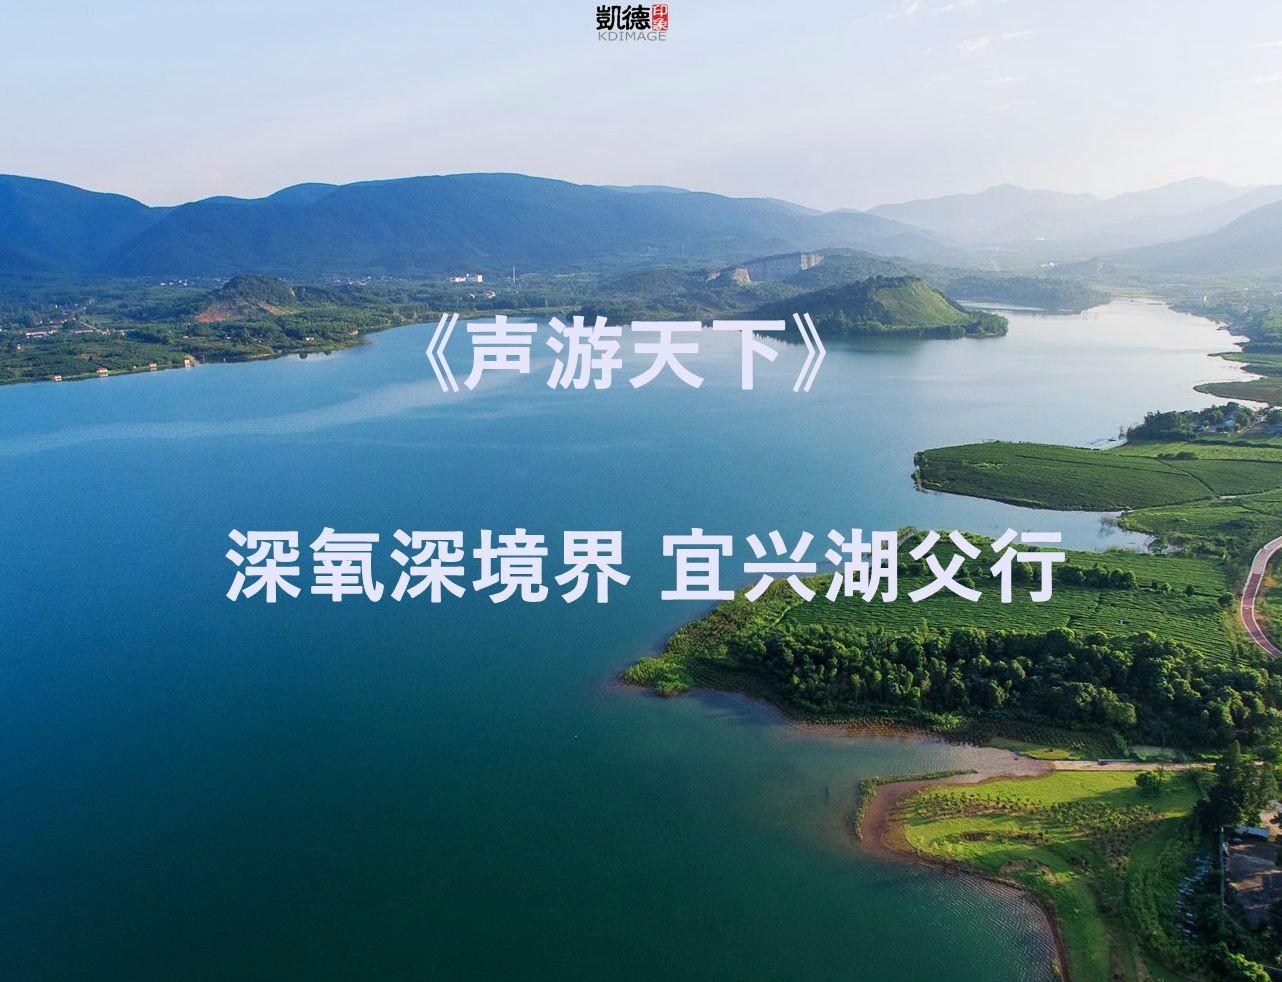 宜兴湖父镇 风景图片